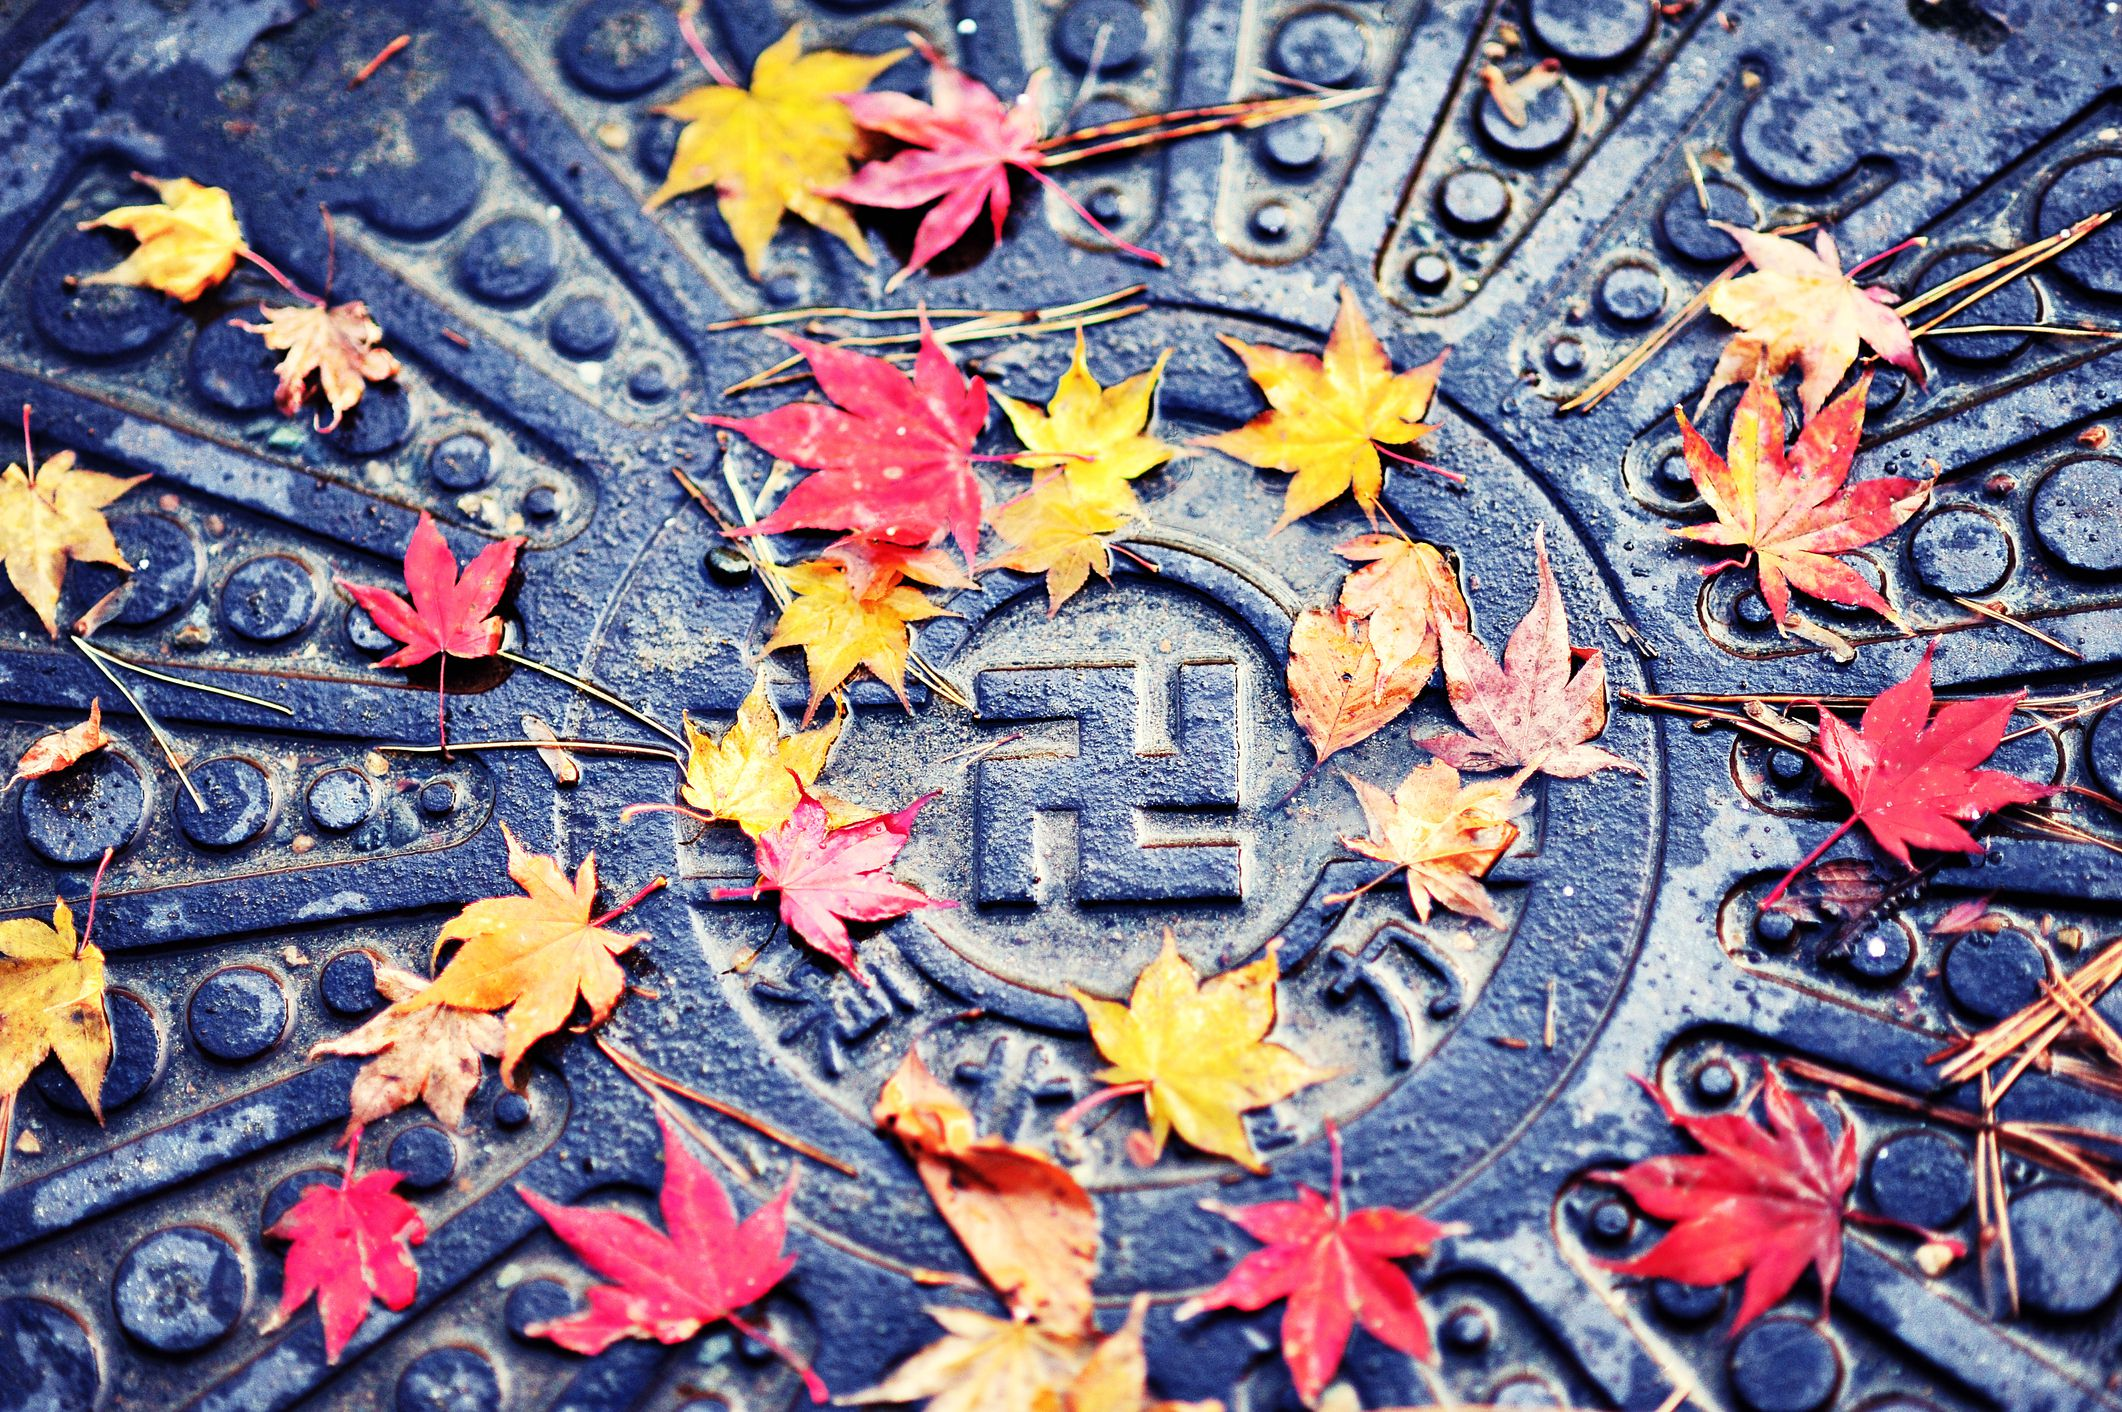 Counter clockwise swastika on Japanese manhole cover.